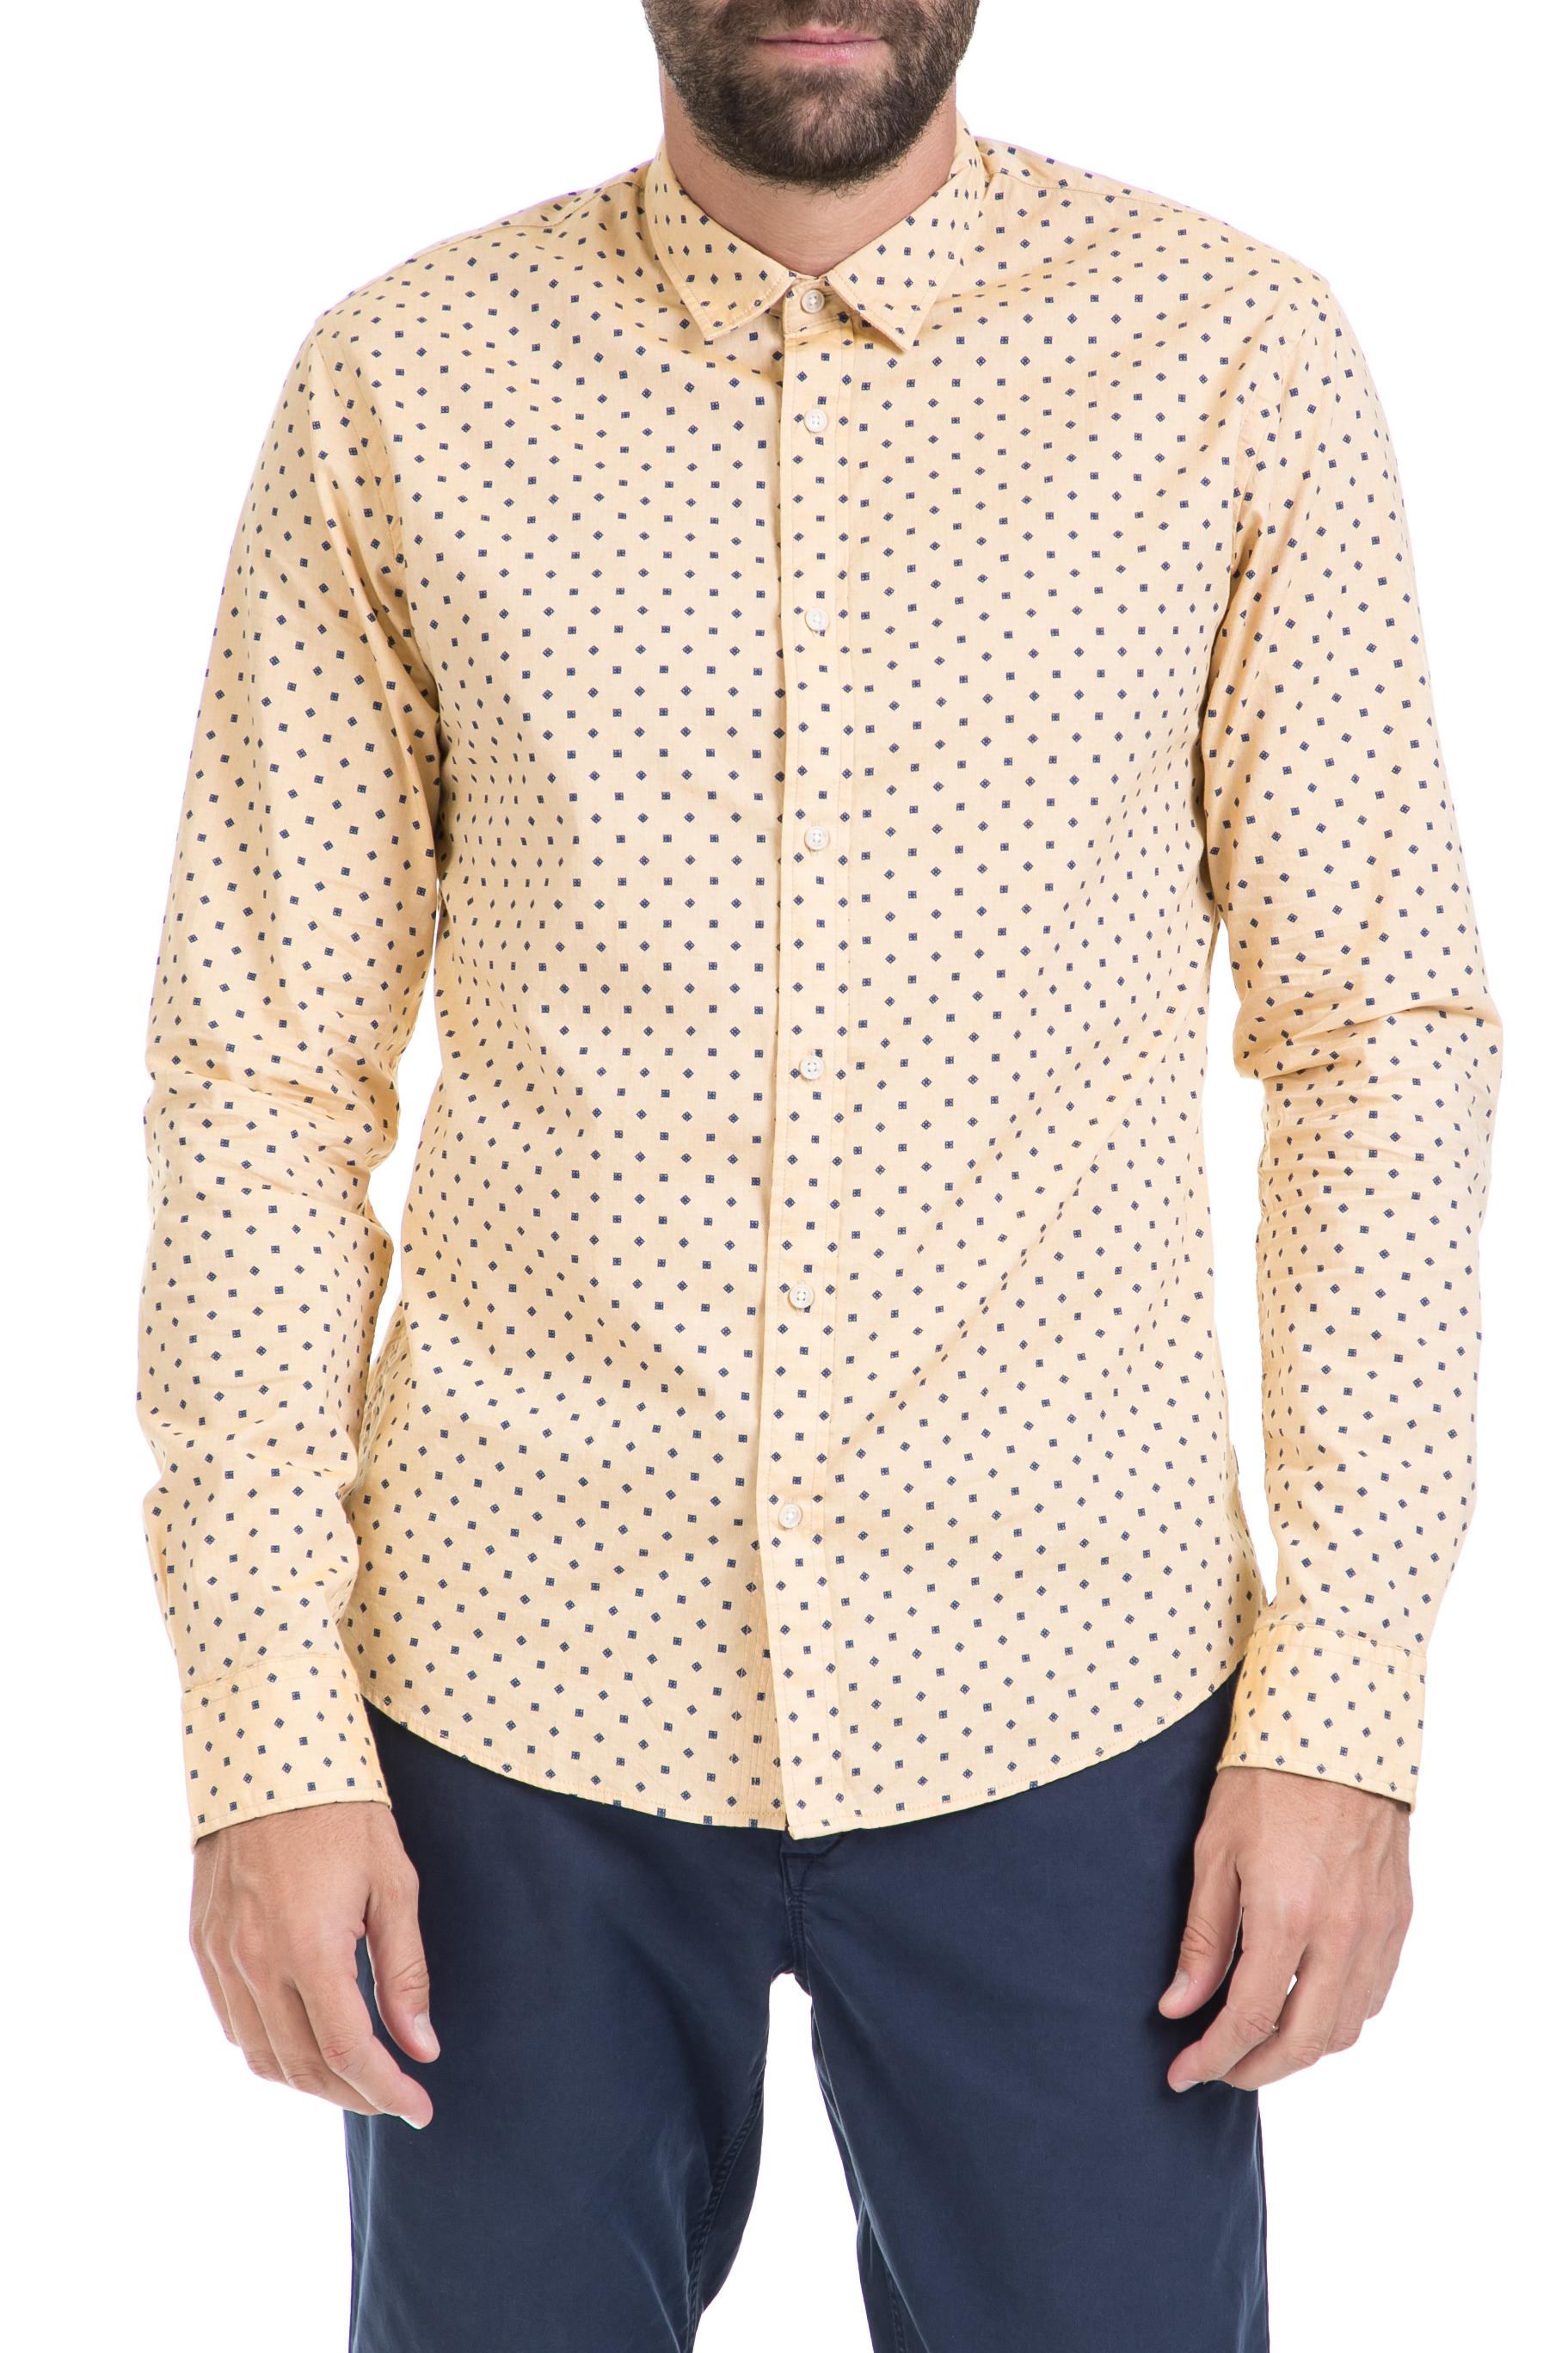 SCOTCH & SODA - Ανδρικό πουκάμισο Classic oxford shirt SCOTCH & SODA κίτρινο ανδρικά ρούχα πουκάμισα μακρυμάνικα